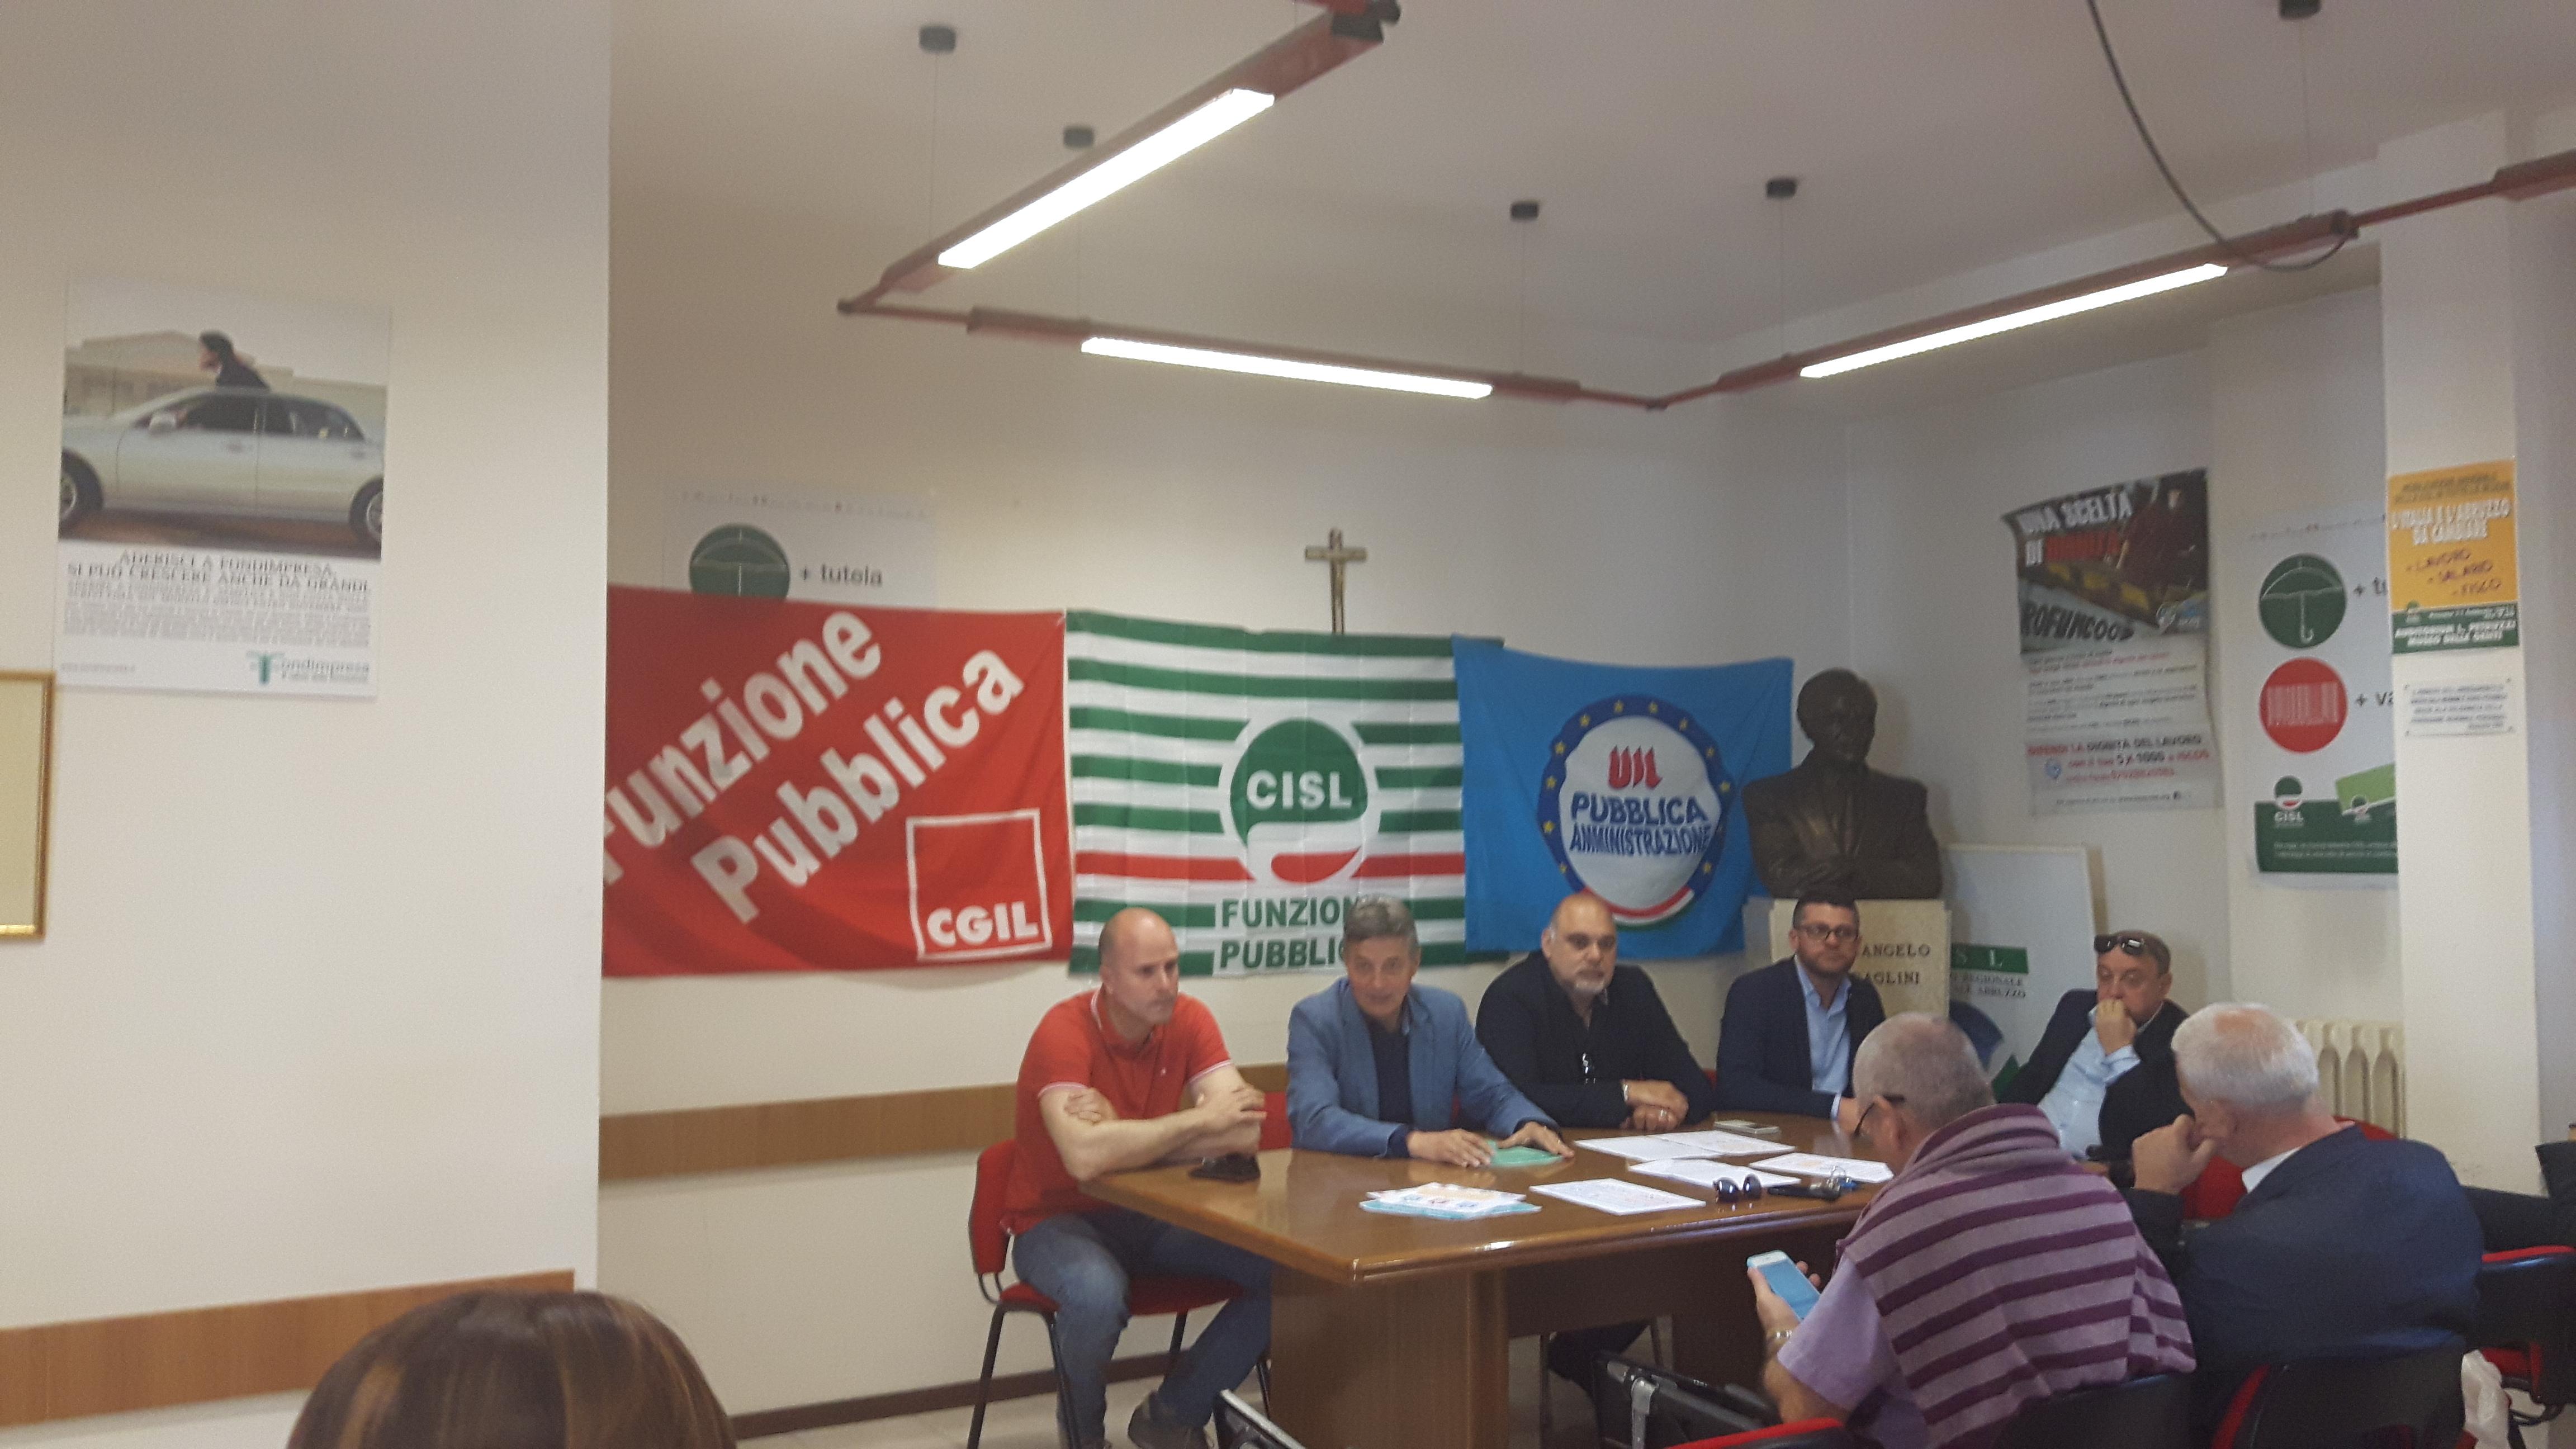 Domani Pubblico impiego in piazza a Pescara